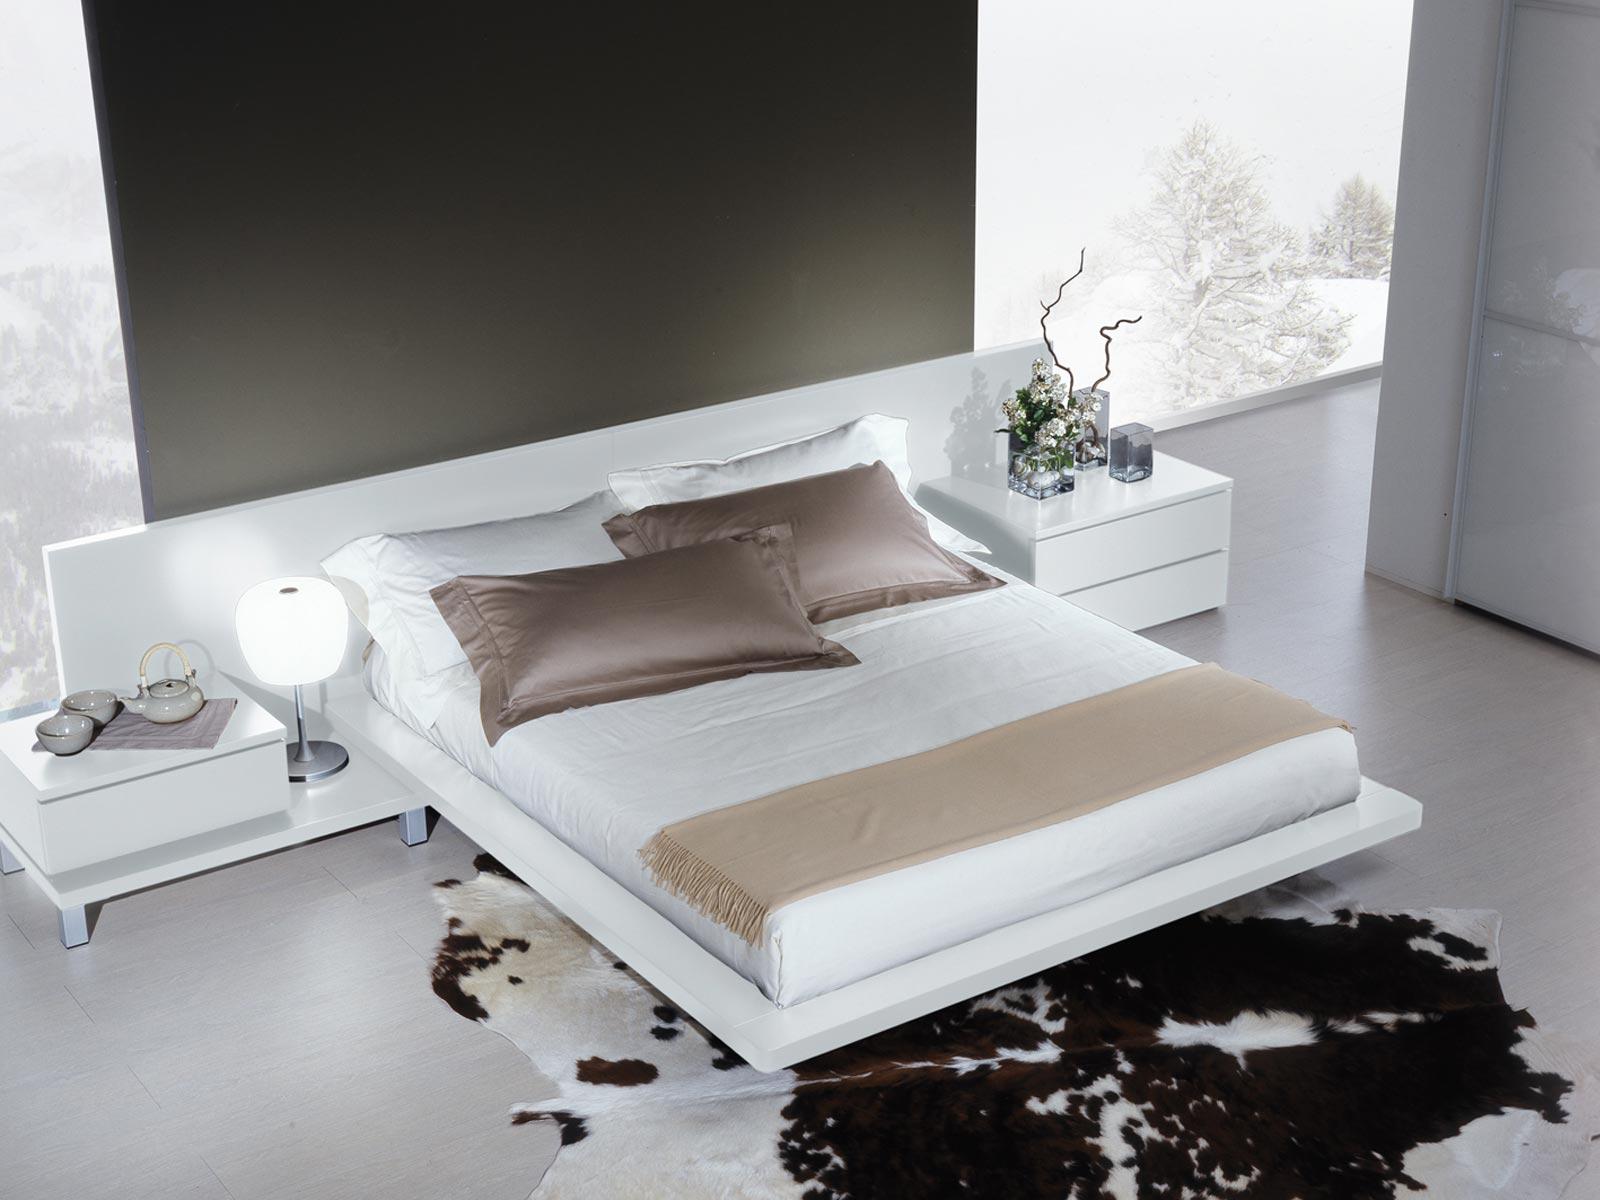 Design 25 meroni arreda for Letto moderno design